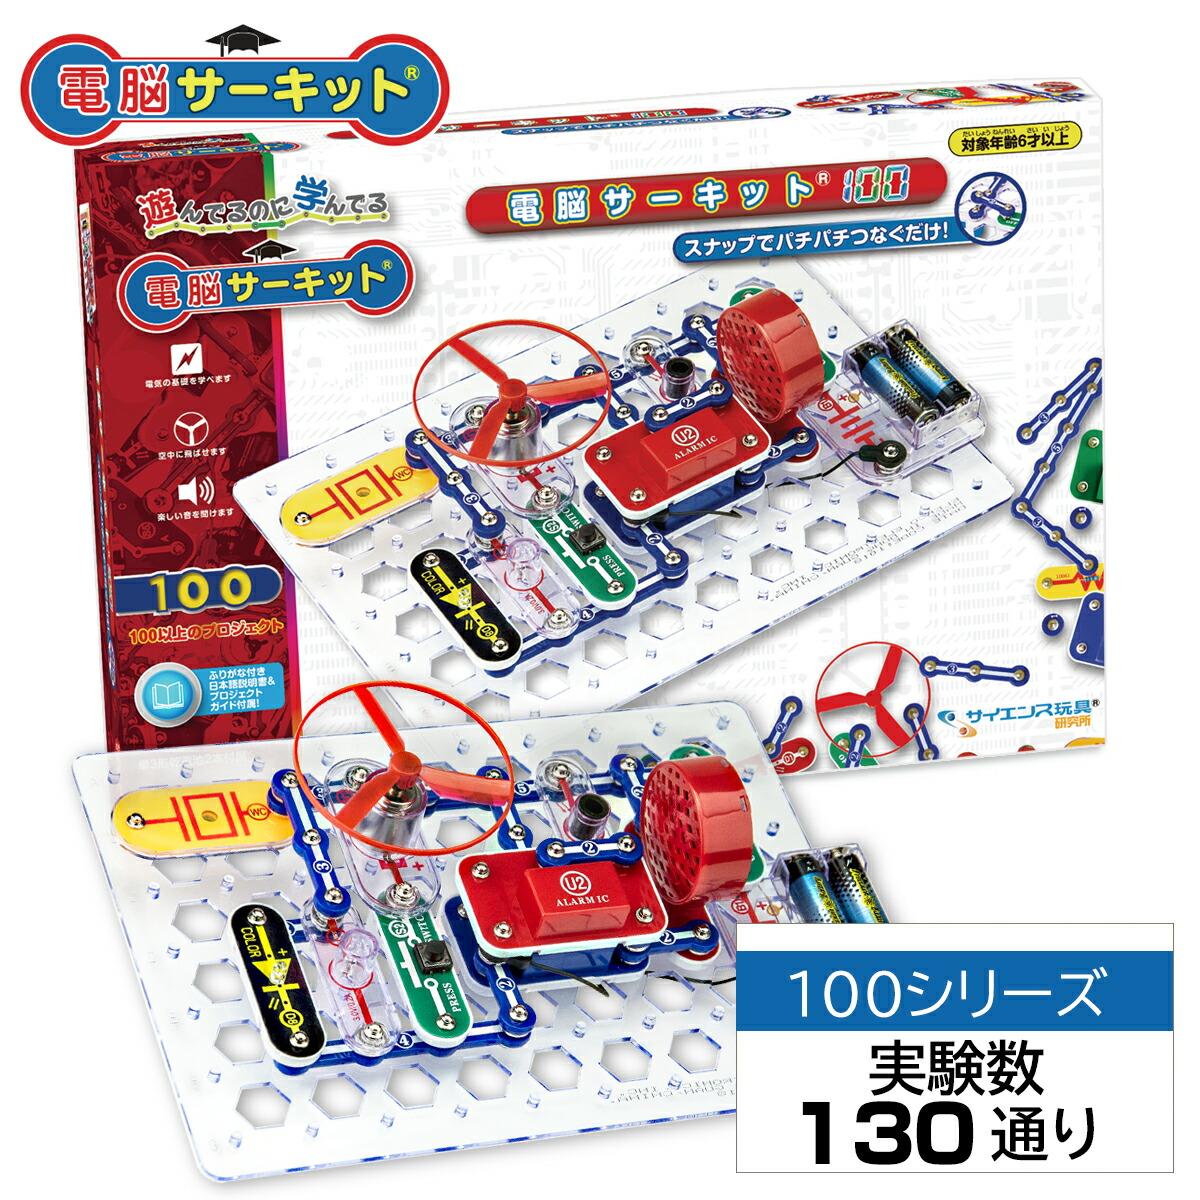 サイエンス玩具研究所 電脳サーキット 100